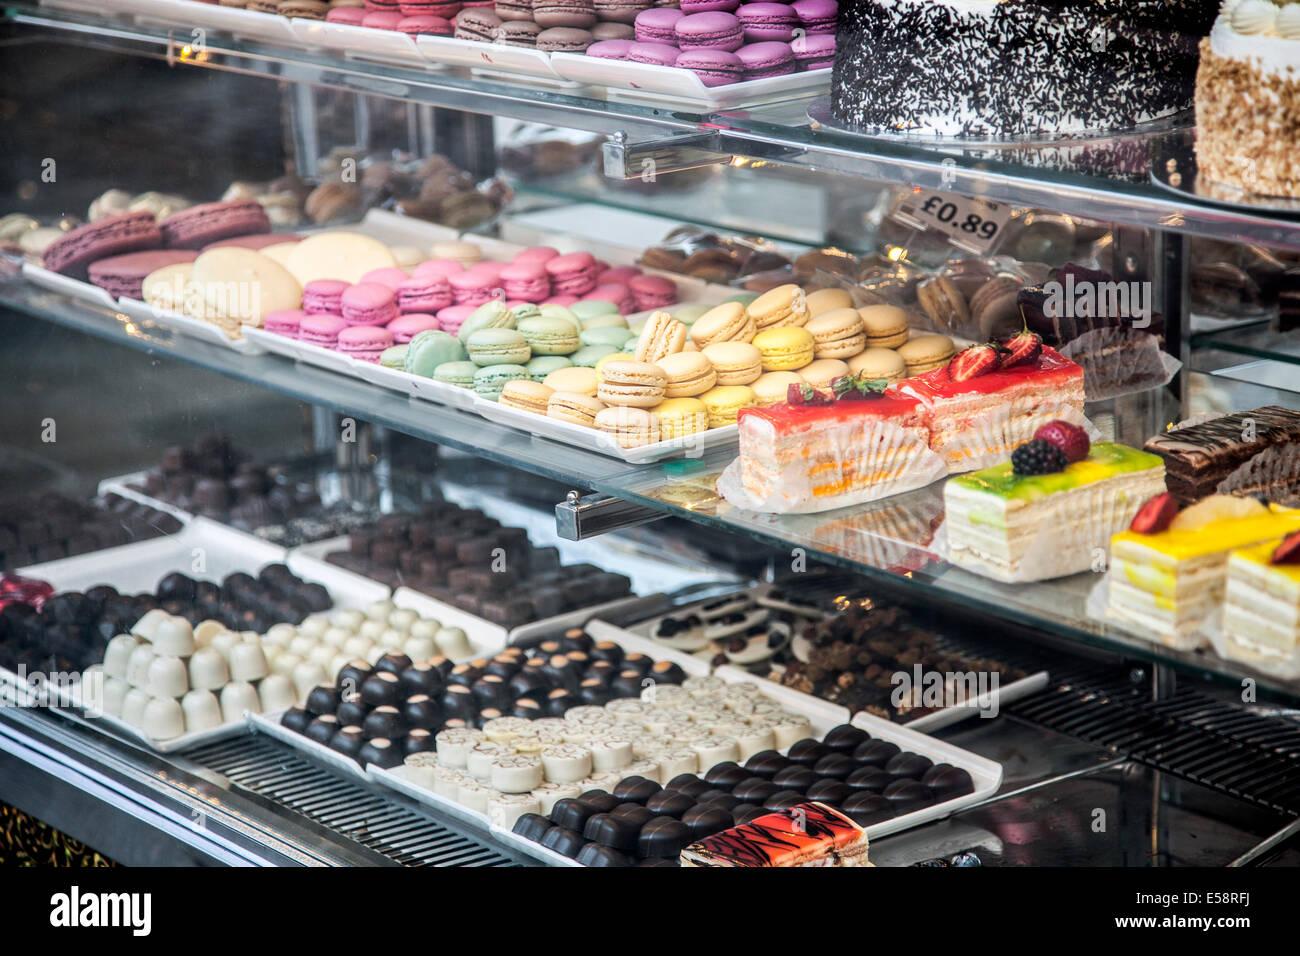 Una pasticceria shop display con una selezione di dolci, cioccolatini e macaron in Kentish Town, Londra Immagini Stock